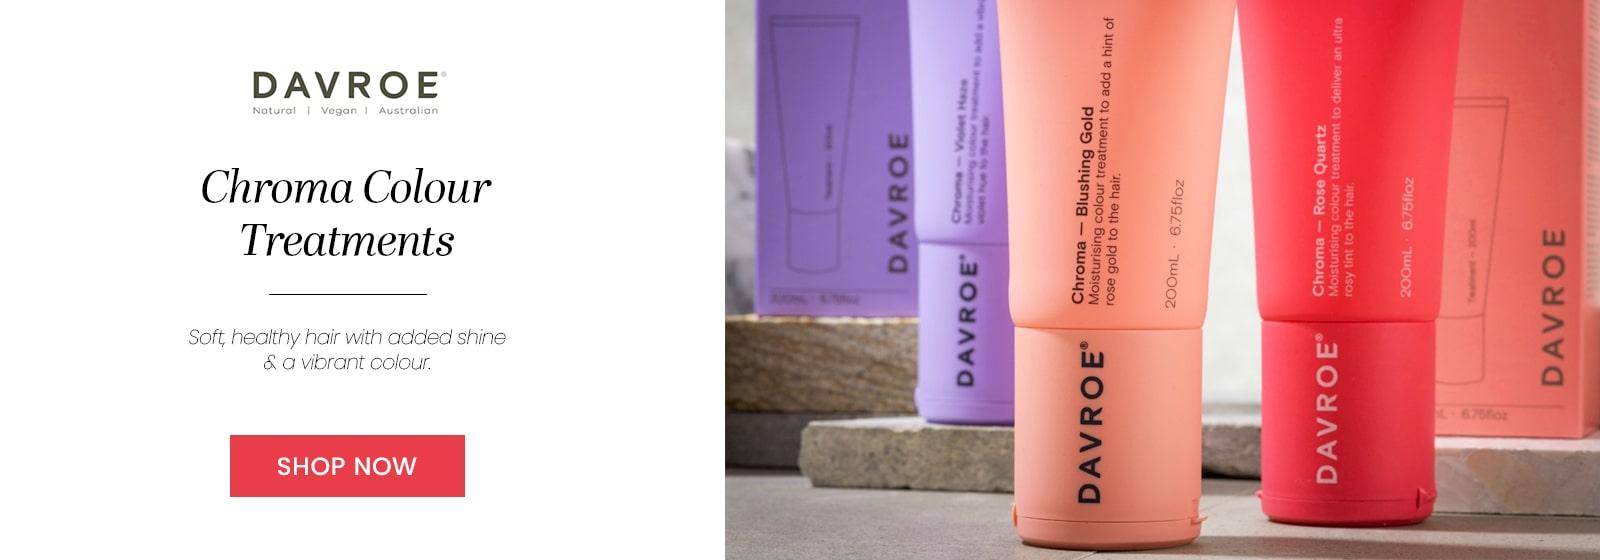 Davroe Chrome Colour Treatments - Shop Now